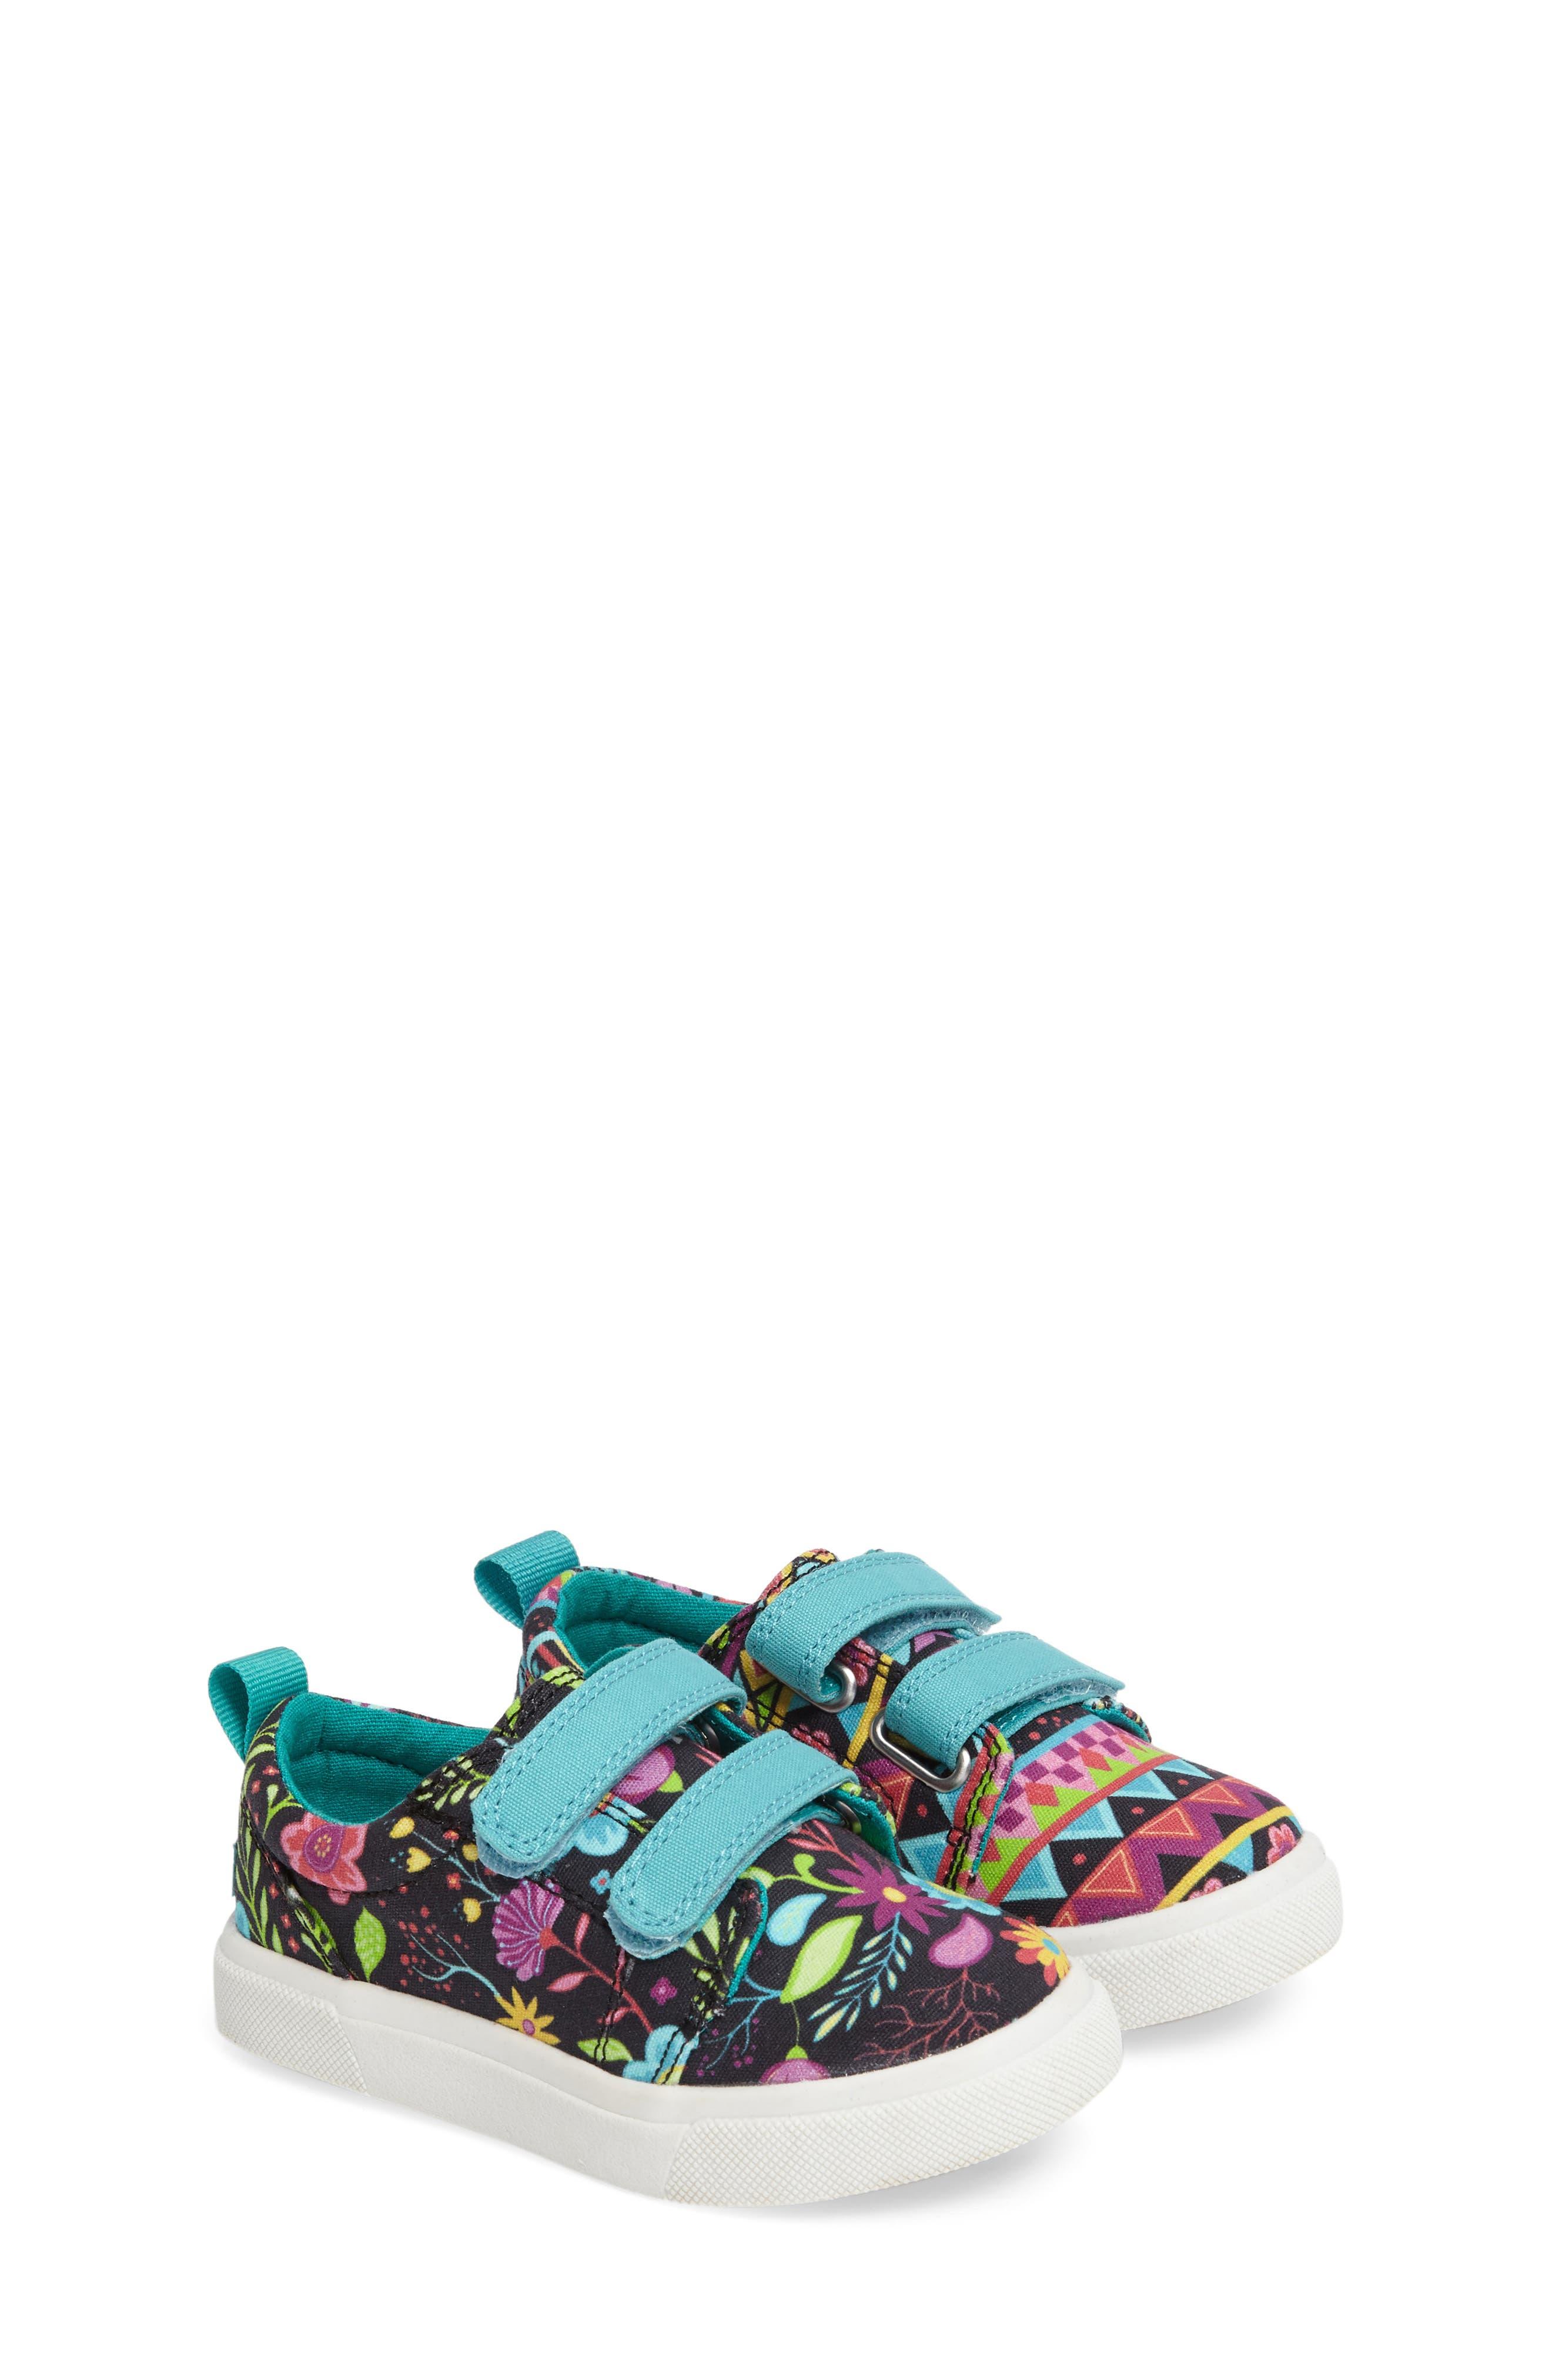 CHOOZE 'Little Choice' Sneaker (Baby, Walker & Toddler)